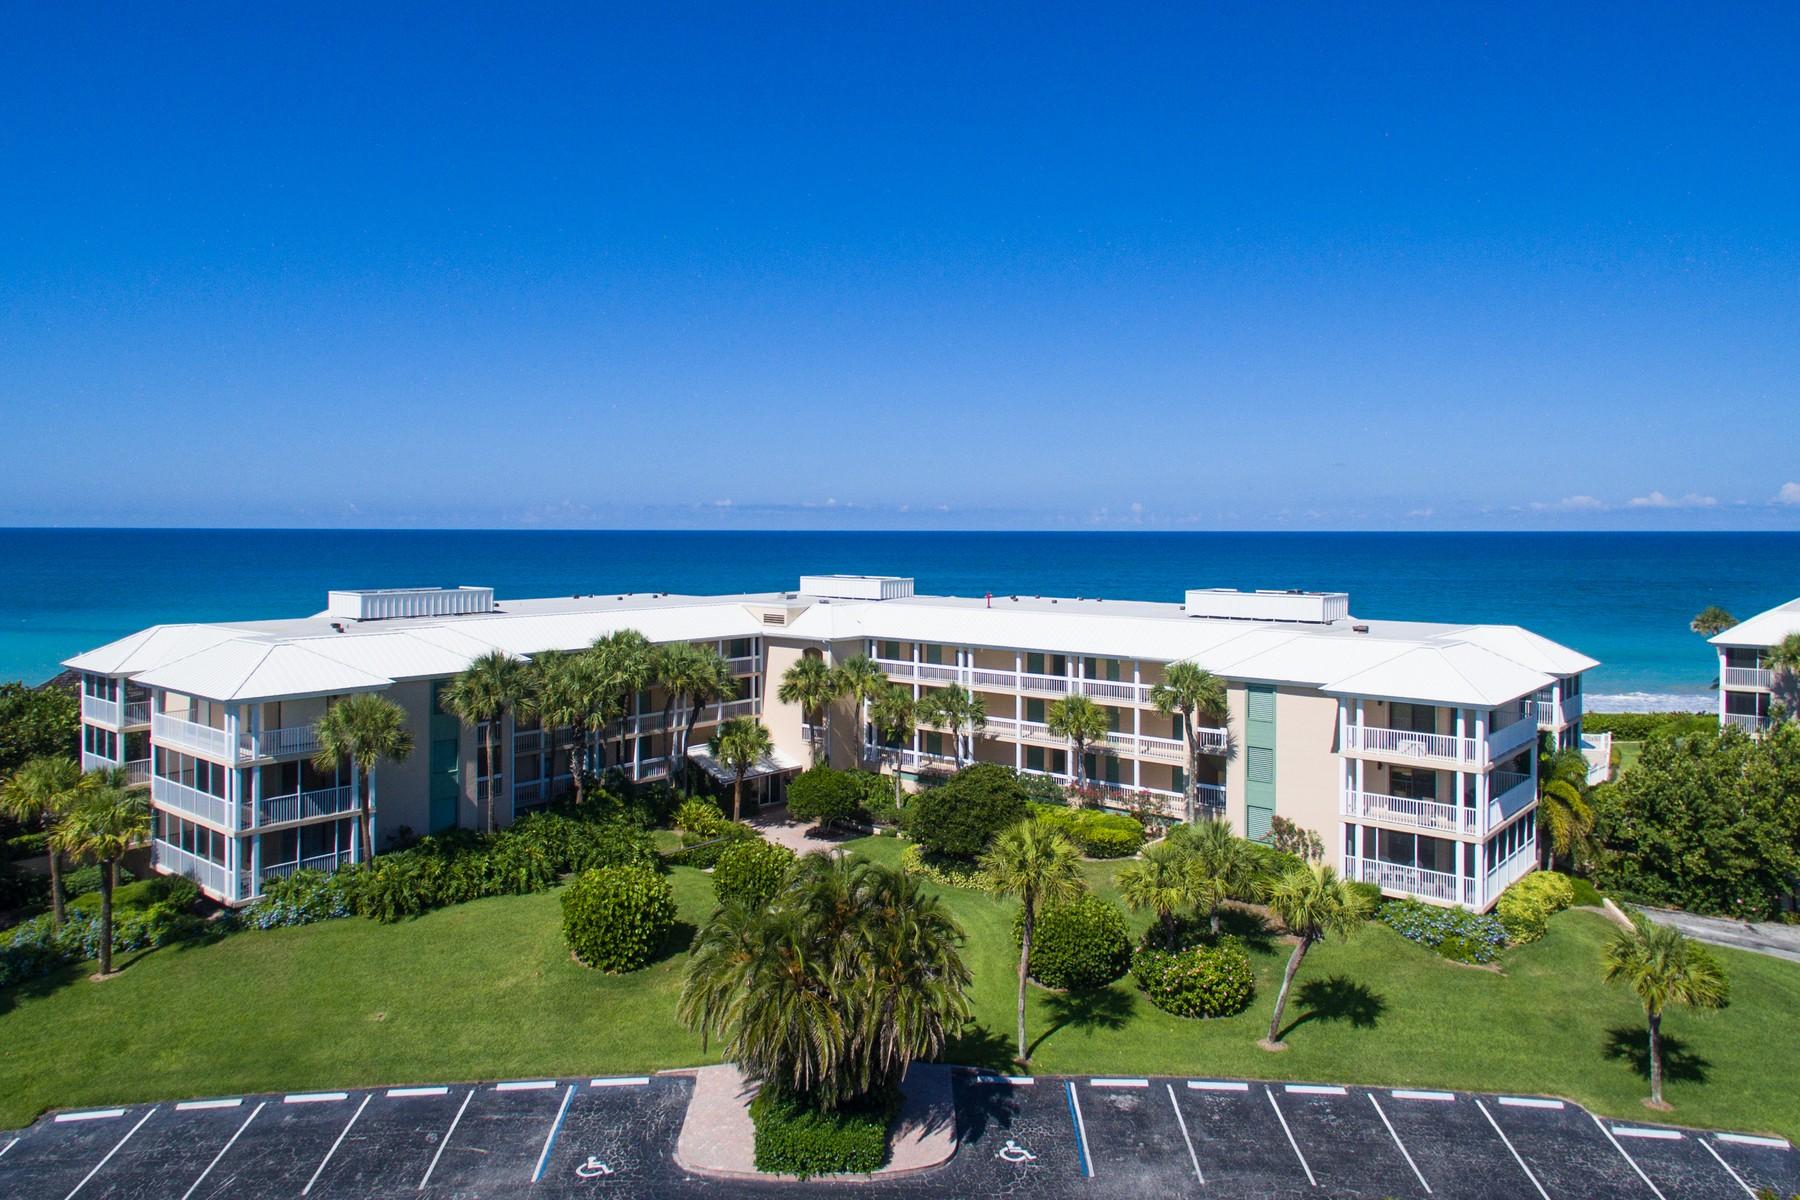 콘도미니엄 용 매매 에 Lovely Sea Oaks Oceanfront Condo 8840 S Sea Oaks Way #108B Vero Beach, 플로리다 32963 미국